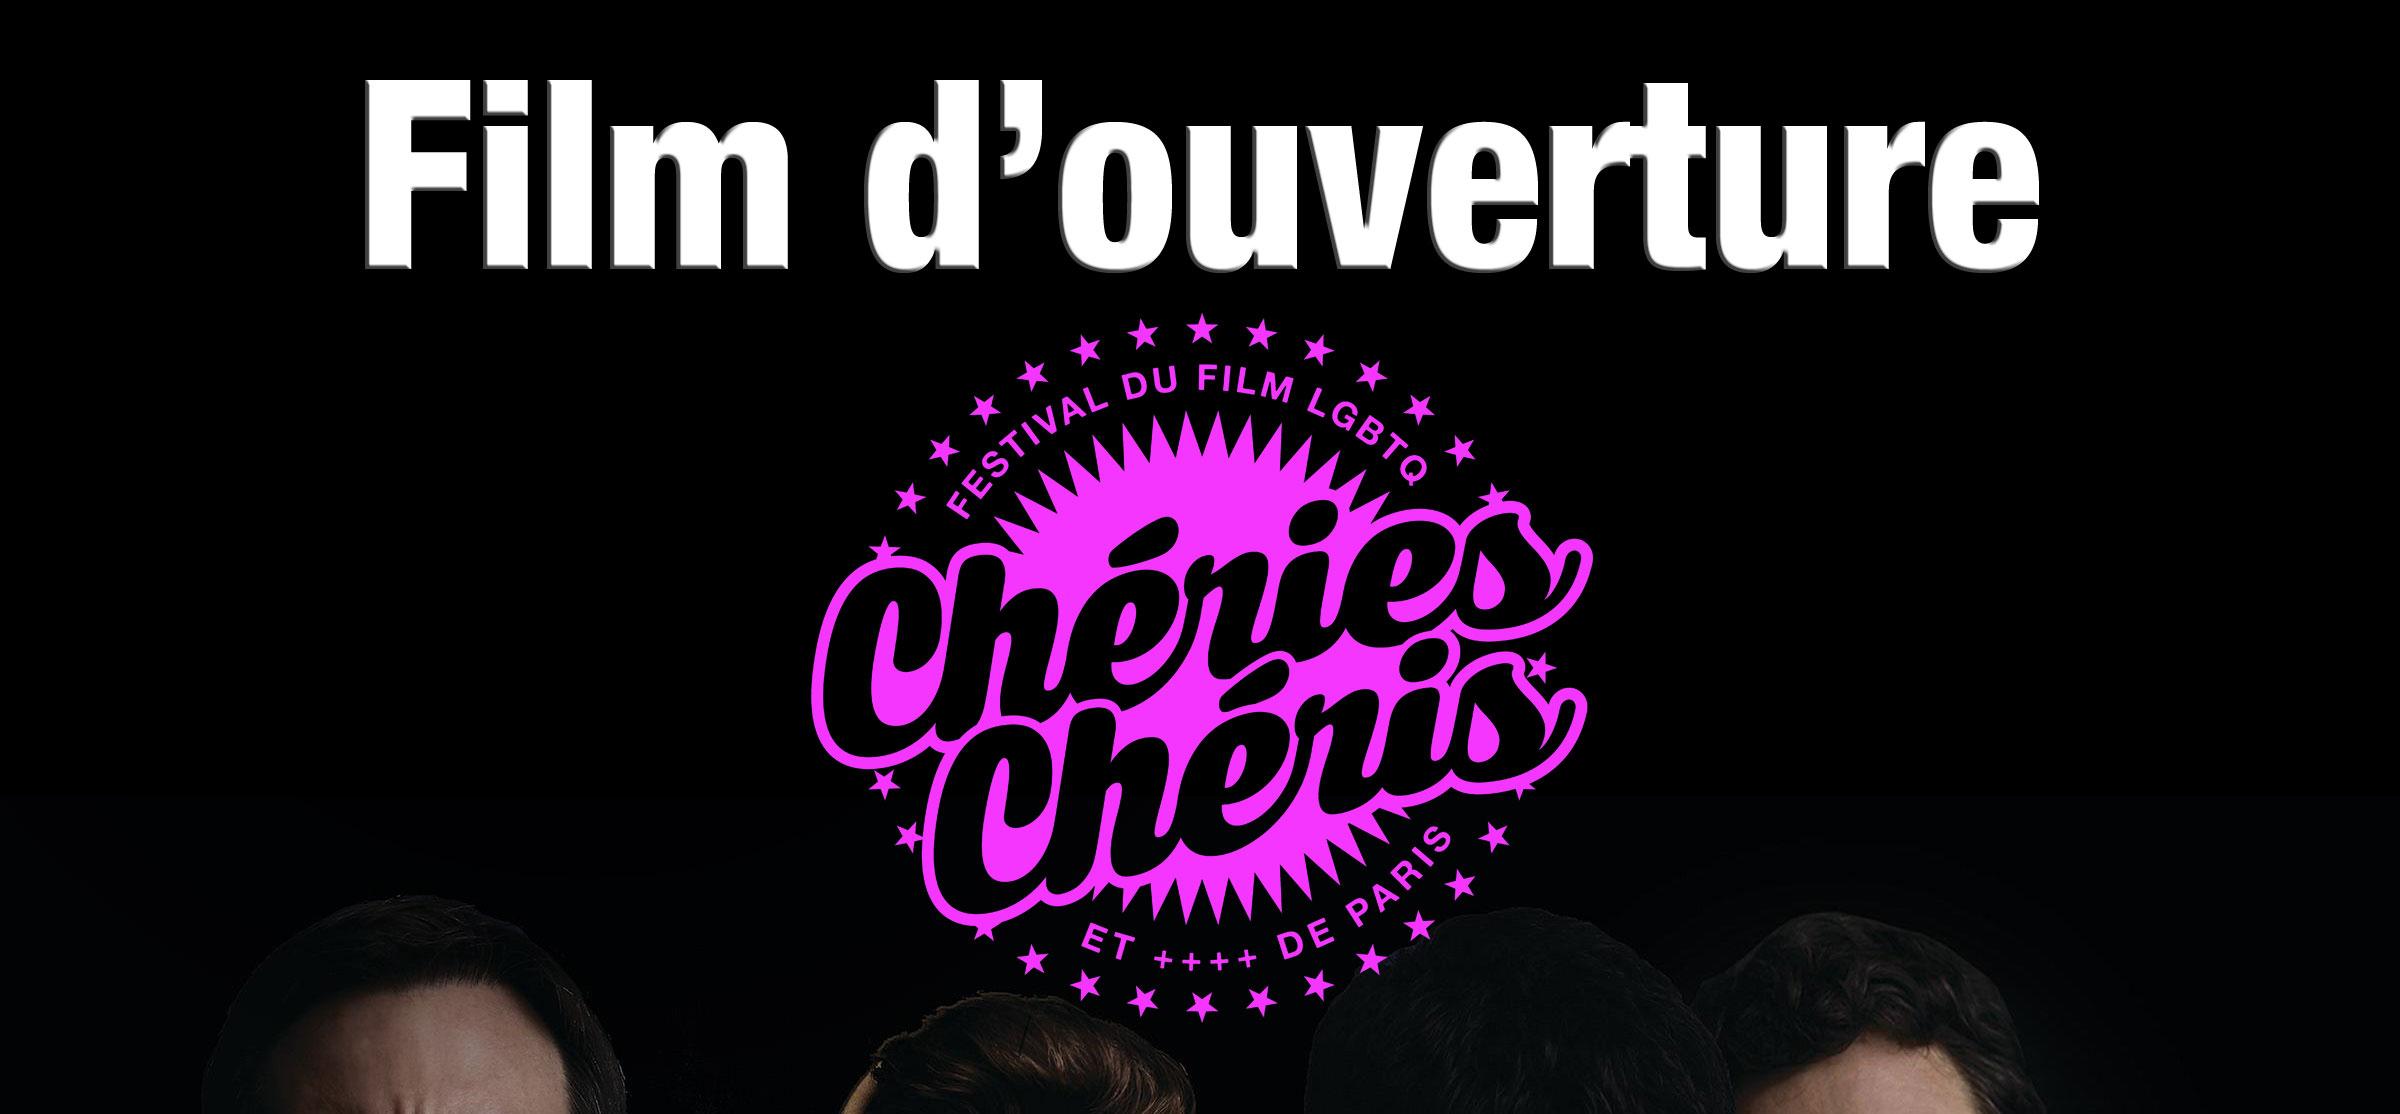 Exclu, découvrez le film d'ouverture du Festival Chéries-Chéris à Paris